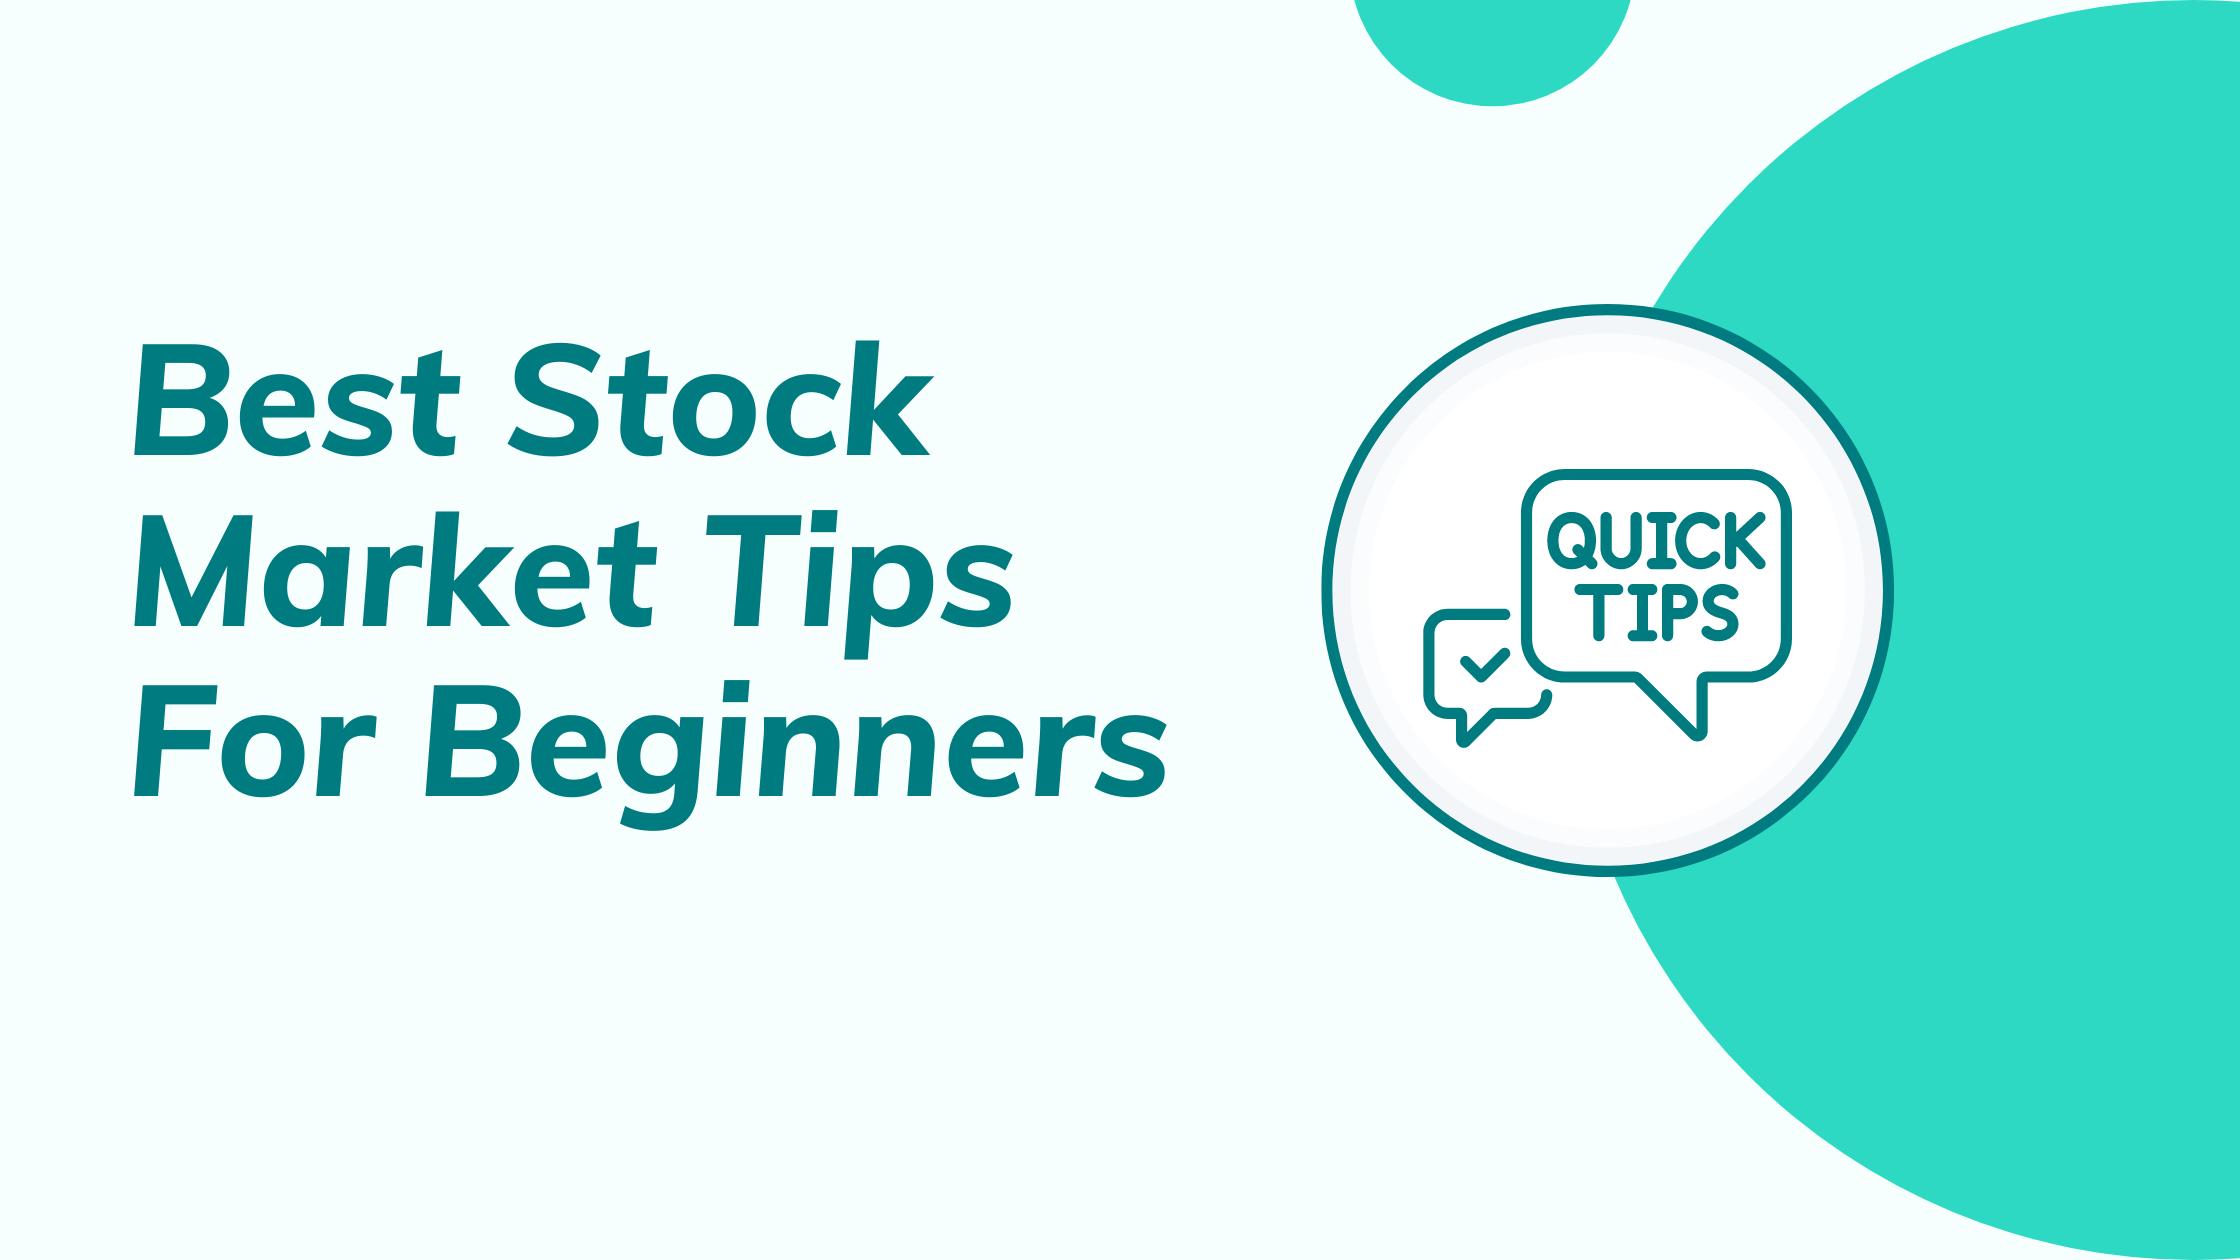 Best Stock Market Tips For Beginners